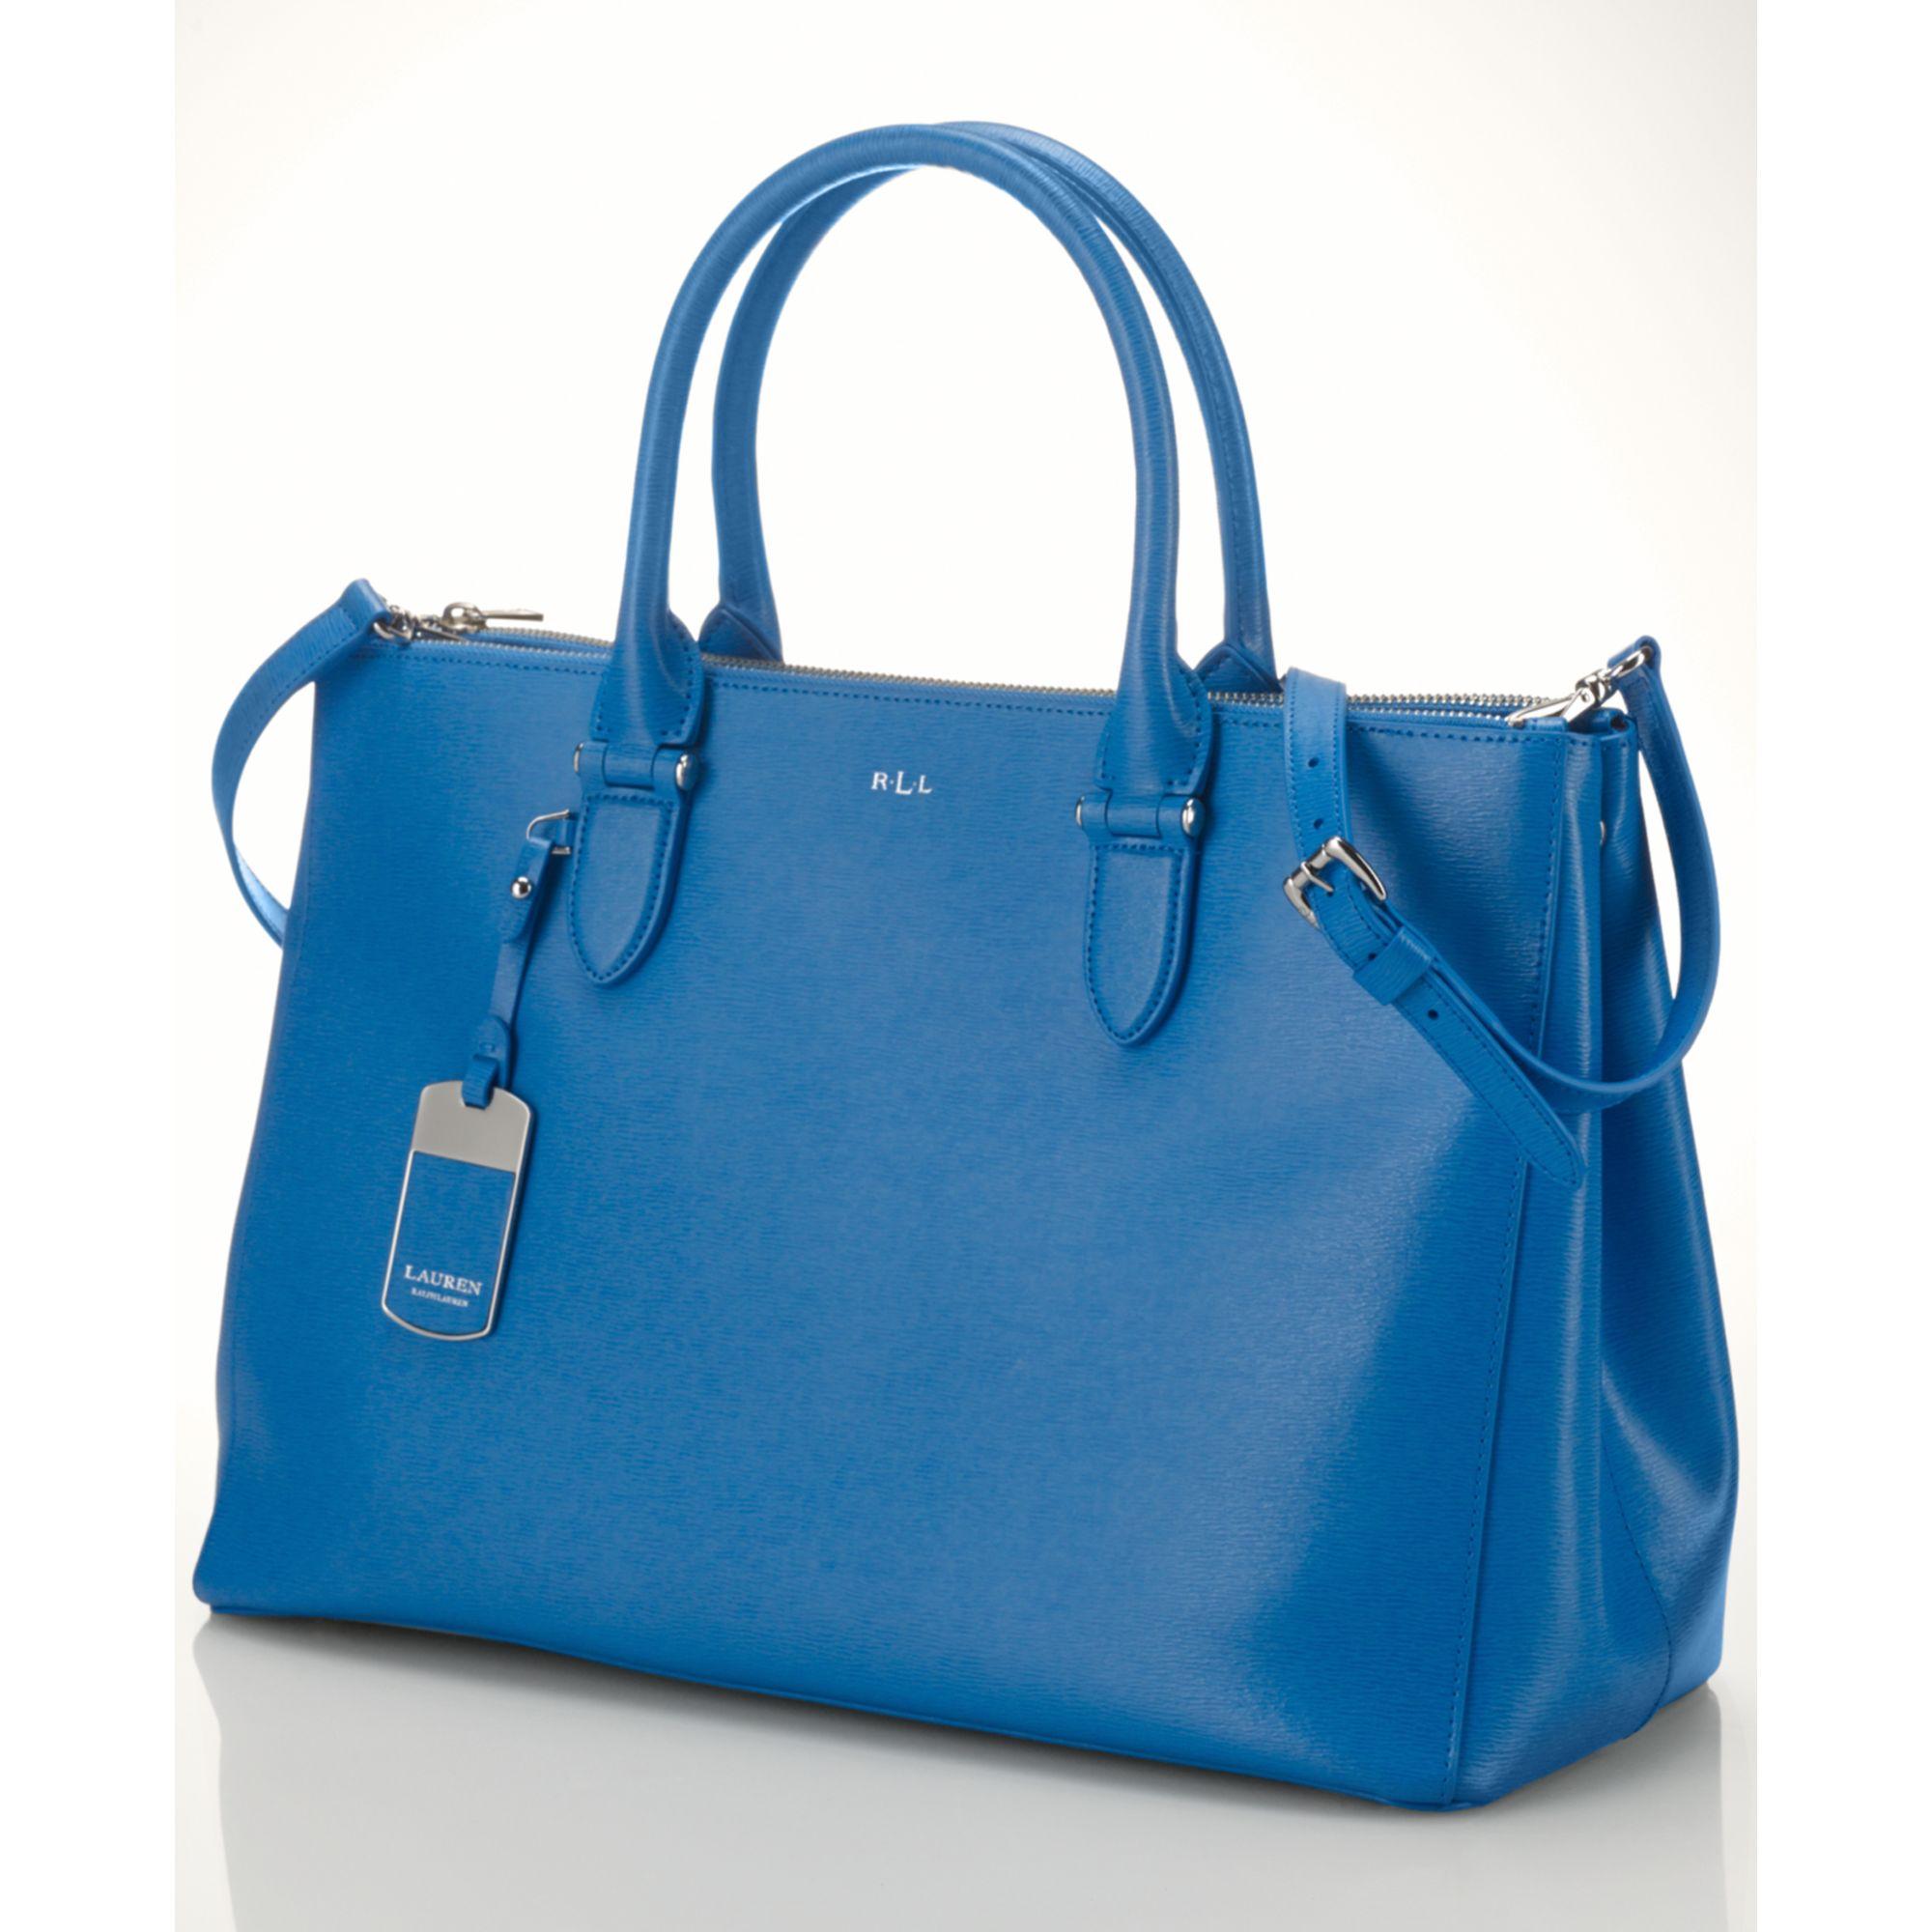 694ba6caf8a Lyst - Lauren by Ralph Lauren Newbury Double Zip Satchel in Blue